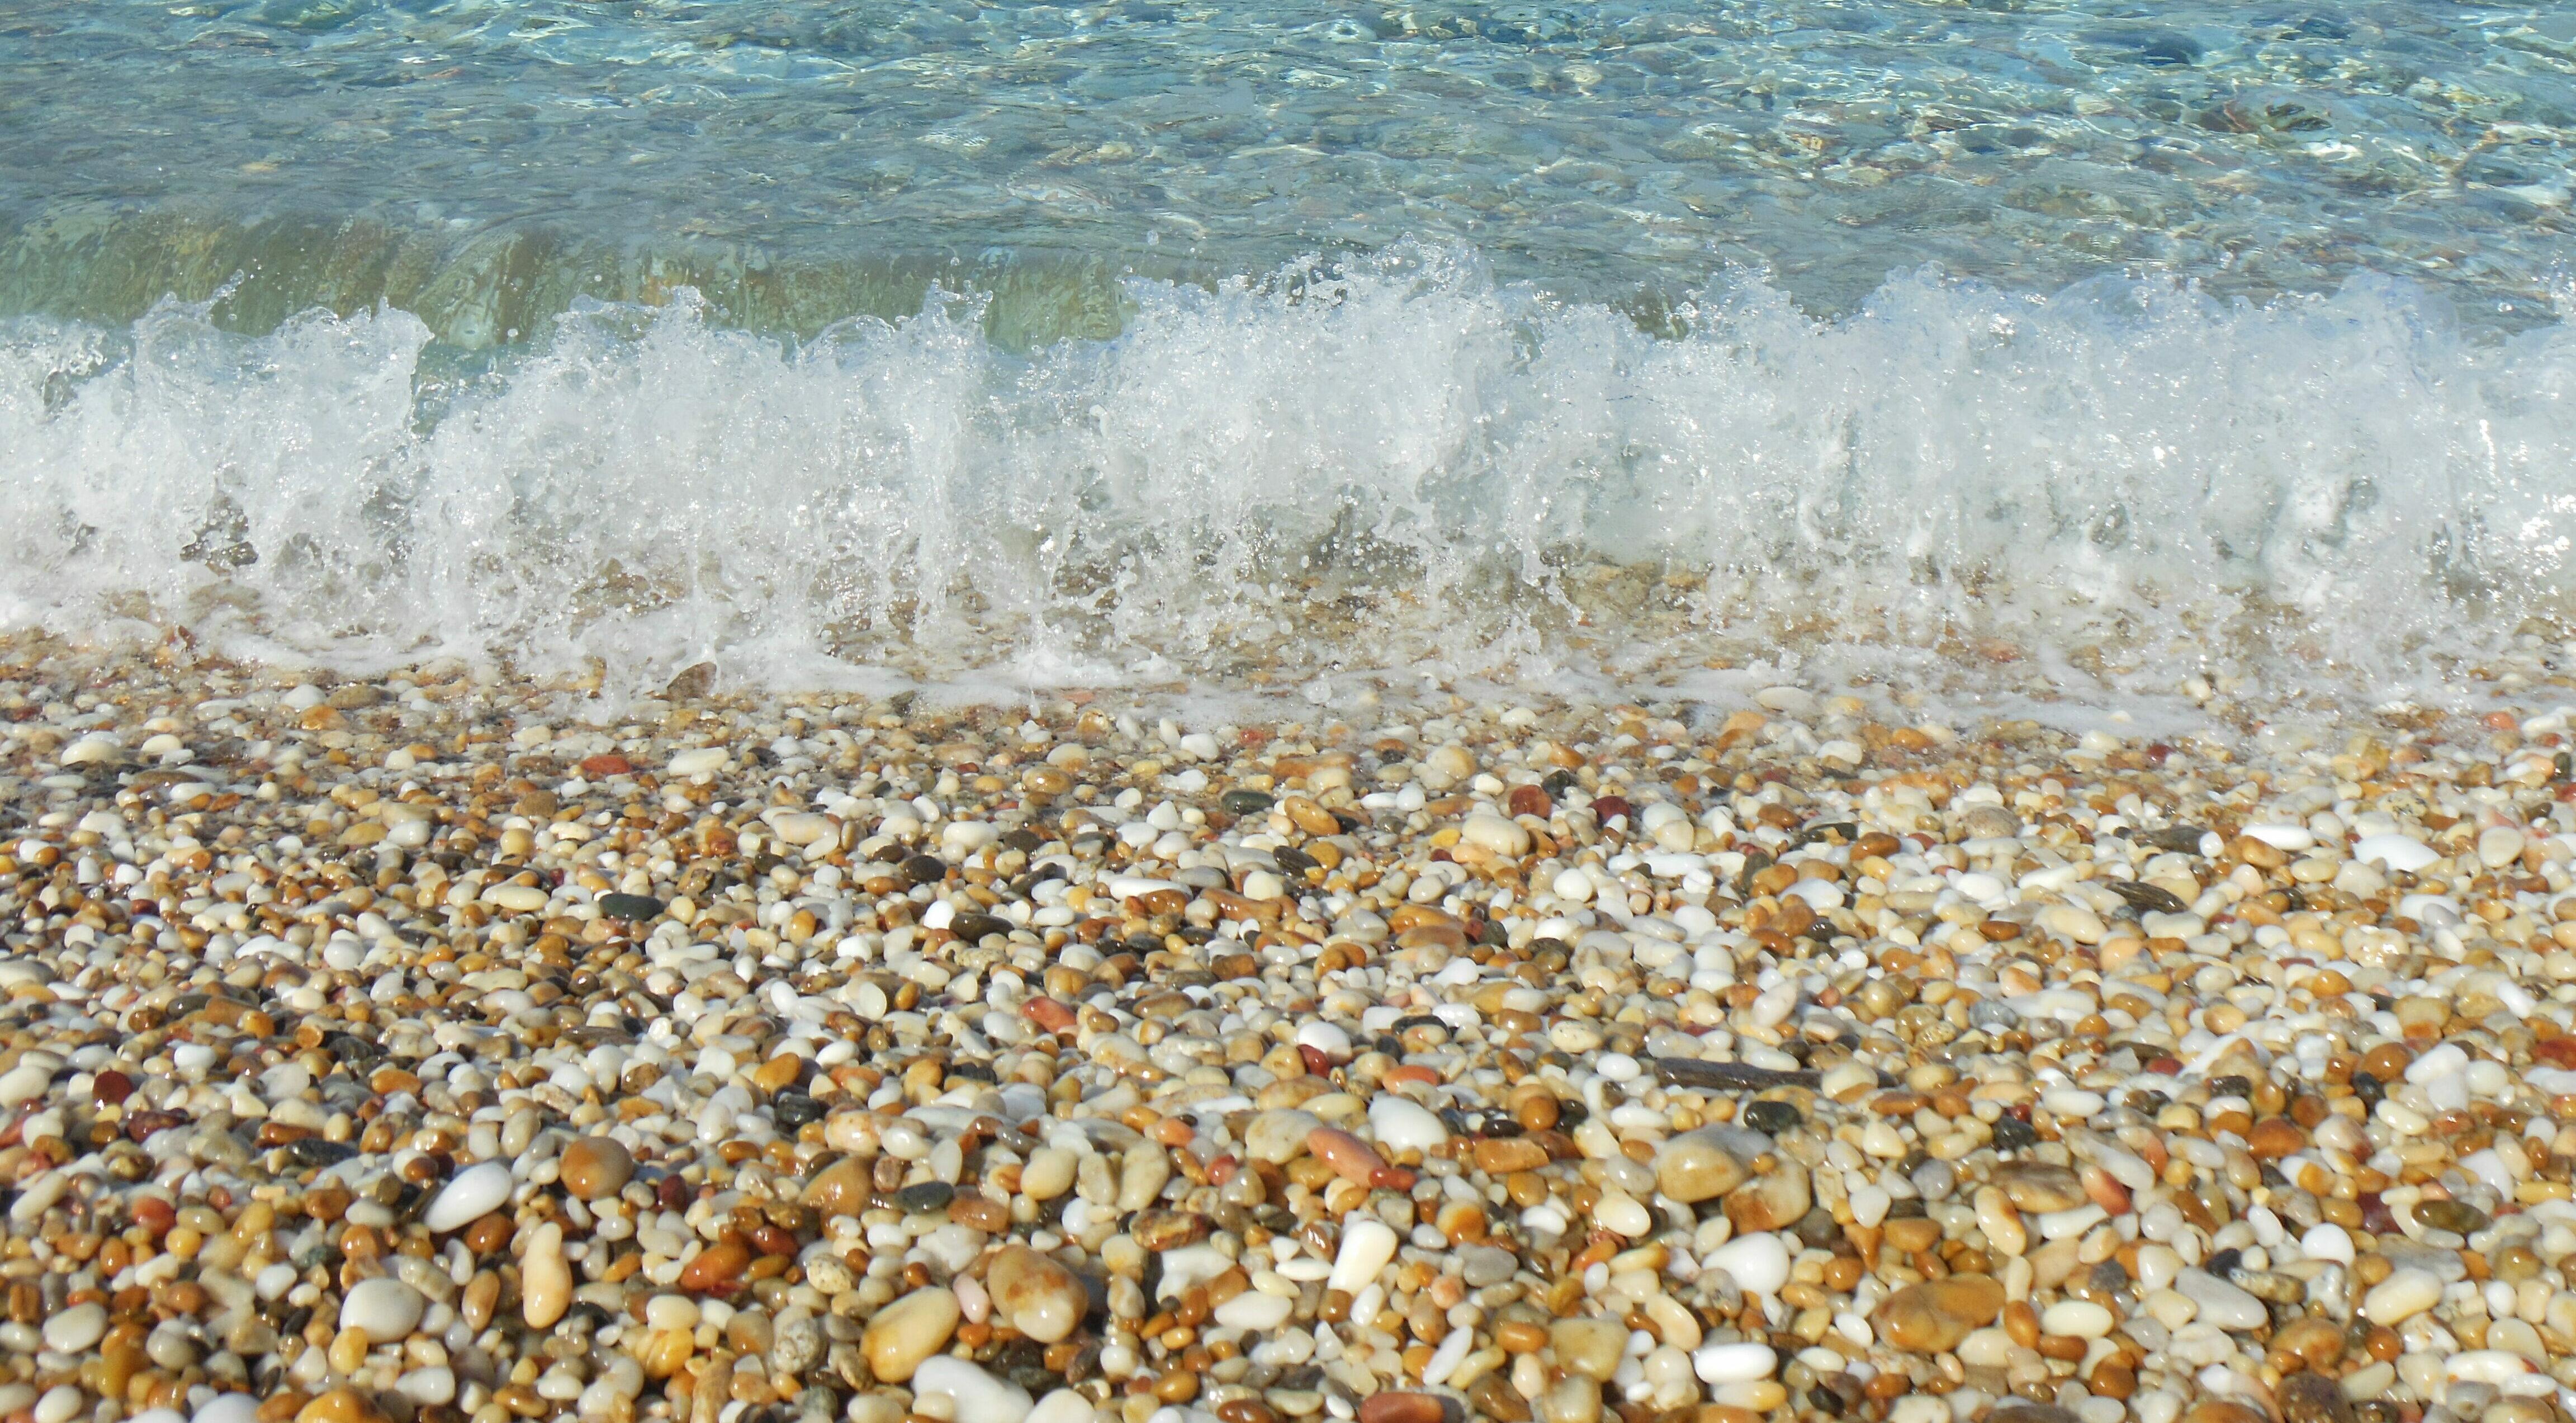 Agios Fykas Beach: An earthly paradise in Naxos